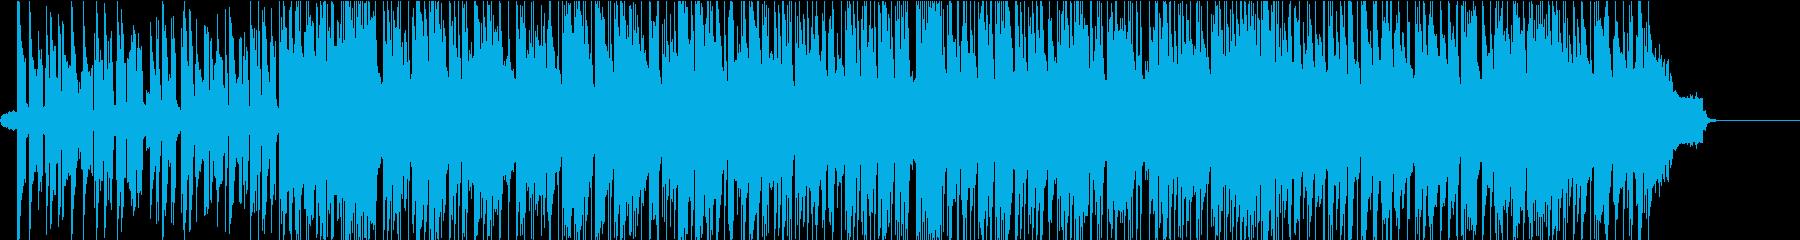 ピアノのアドリブがおしゃれなバンド曲の再生済みの波形